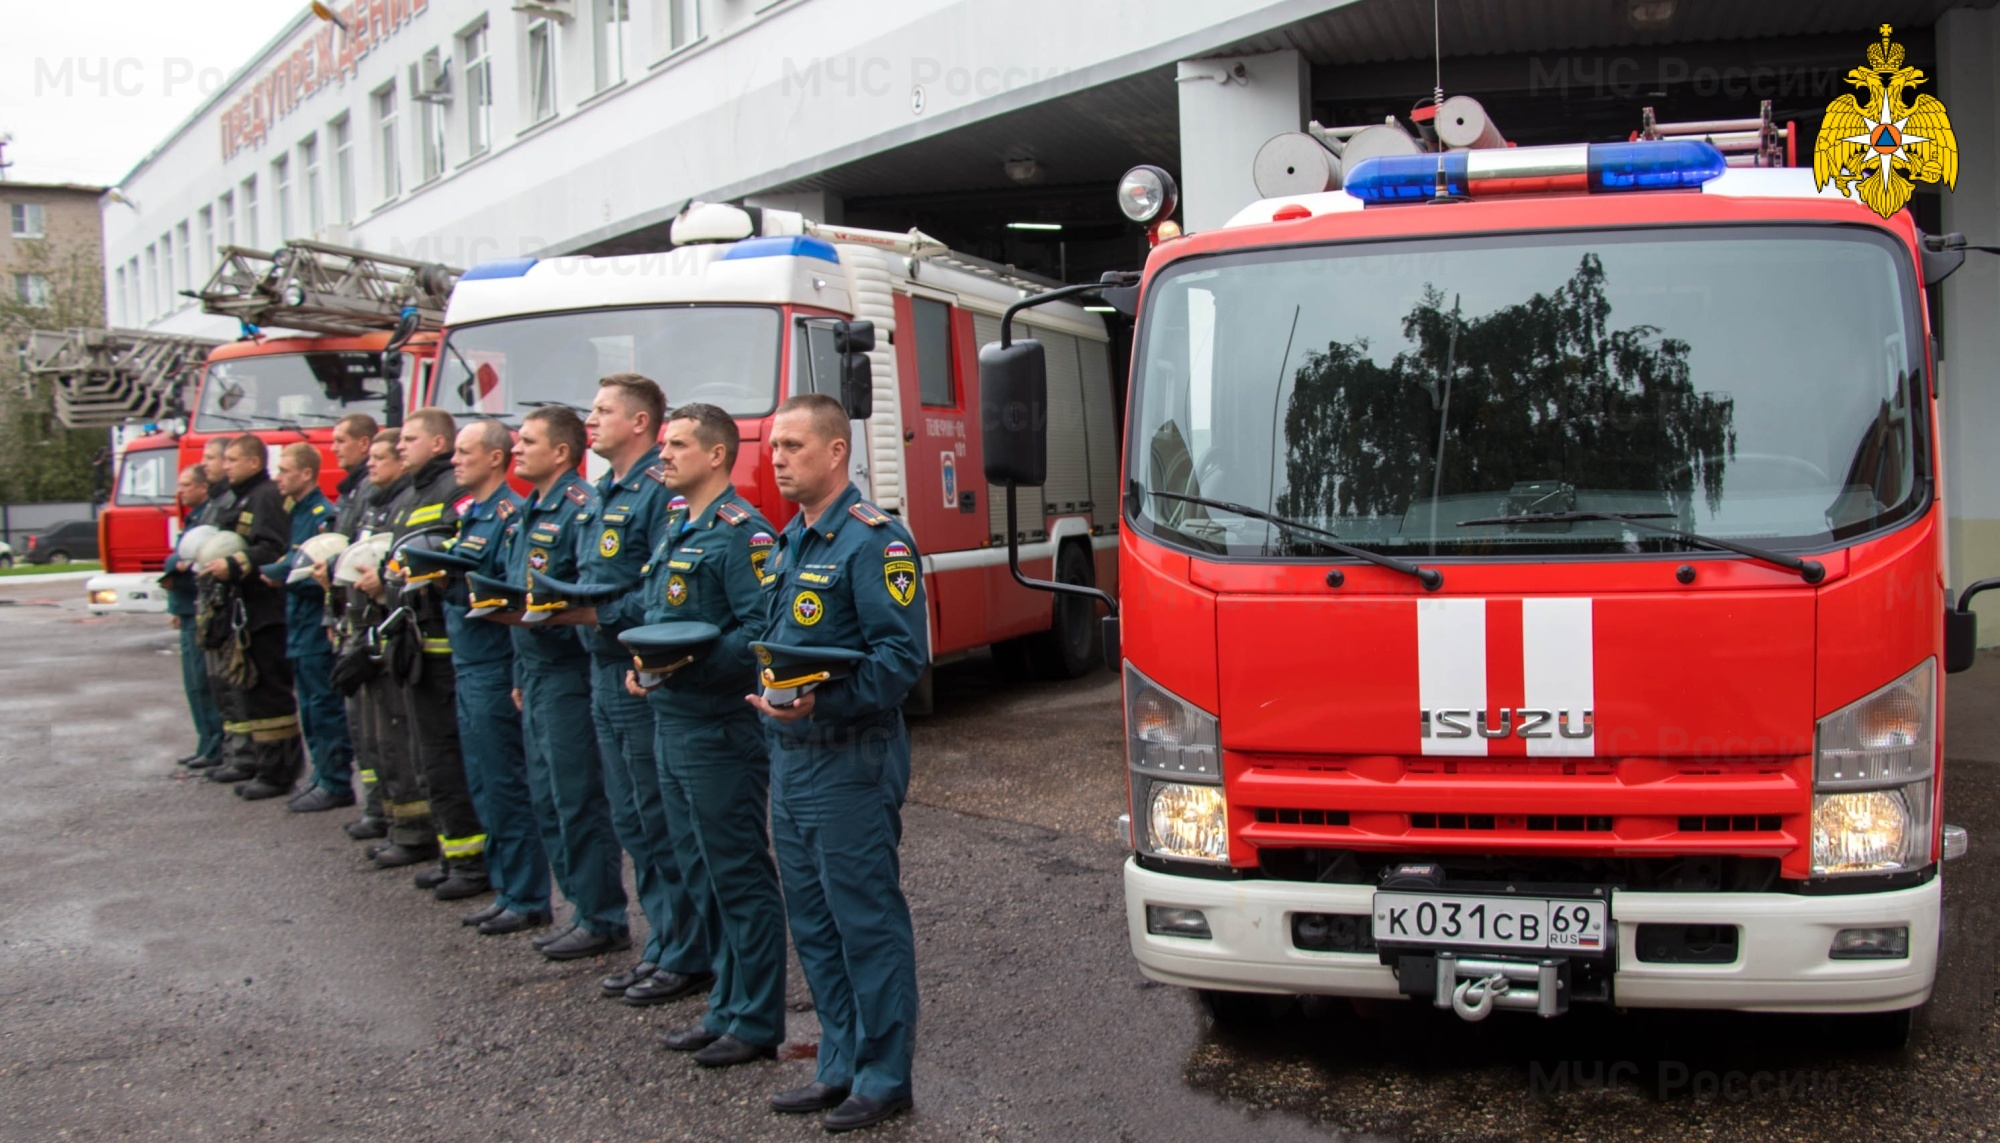 Спасатели Тверской области присоединились к акции памяти в честь погибшего Евгения Зиничева